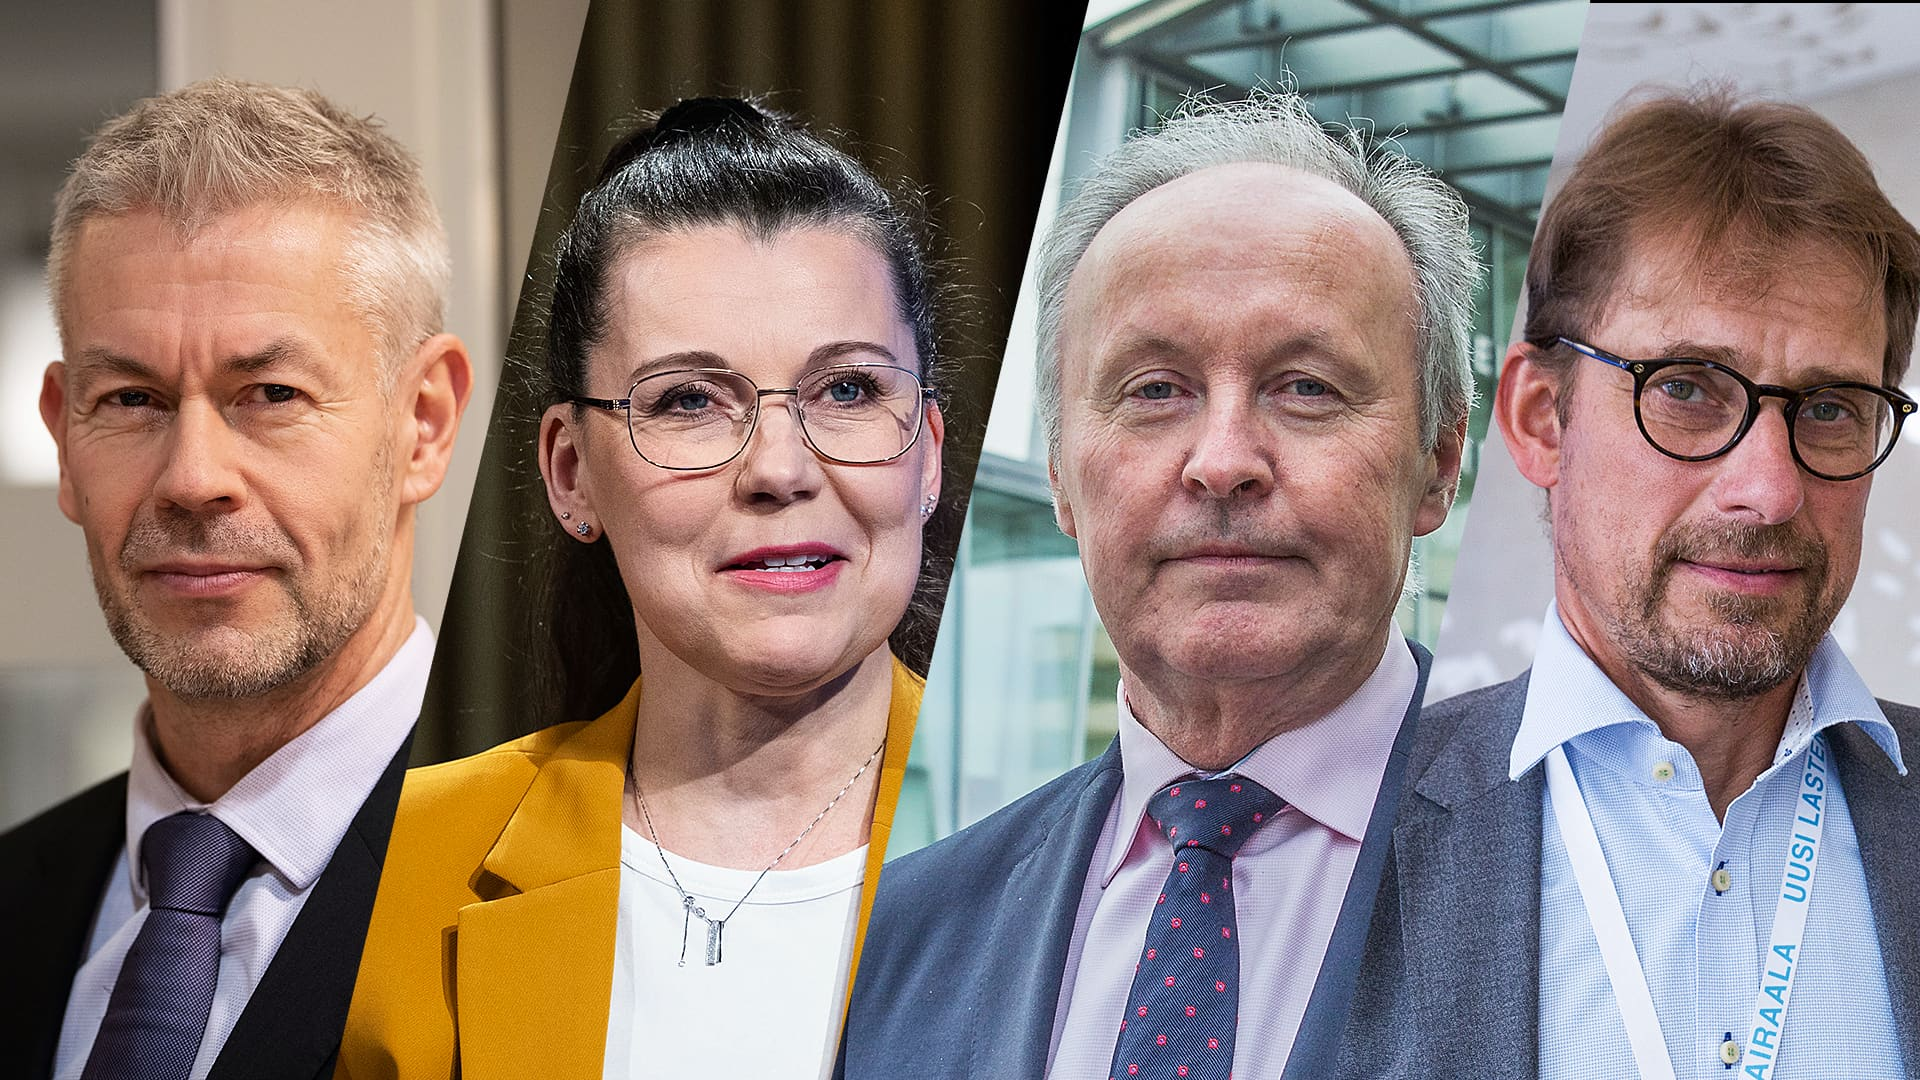 A-Talkissa koronatilanteesta keskustelivat Taneli Puumalainen, Arja Juvonen, Aki Linden ja Jari Petäjä.